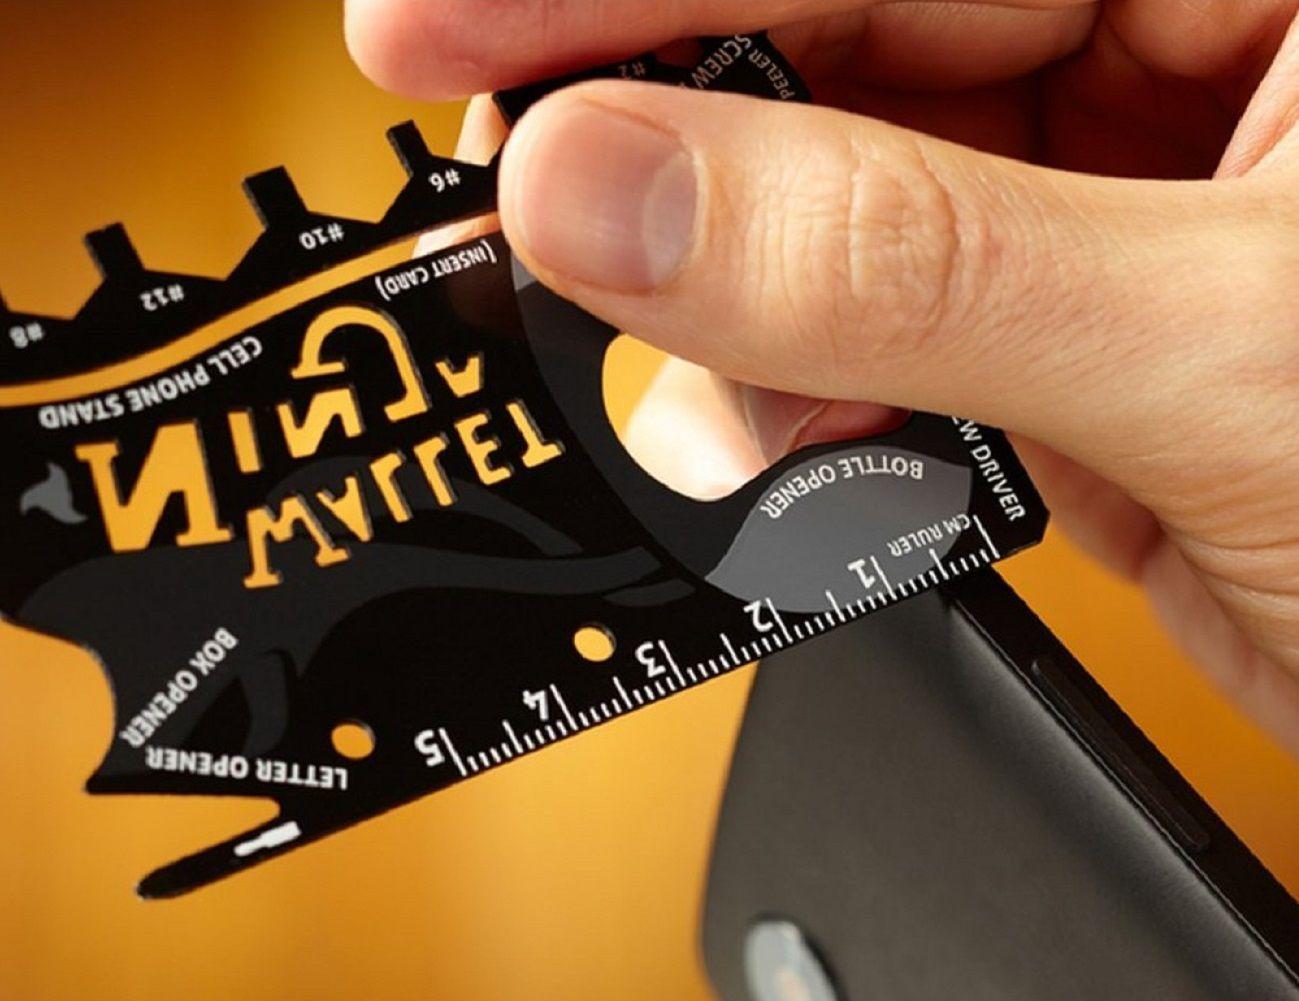 Wallet Ninja 16-in-1 Multi-Tool